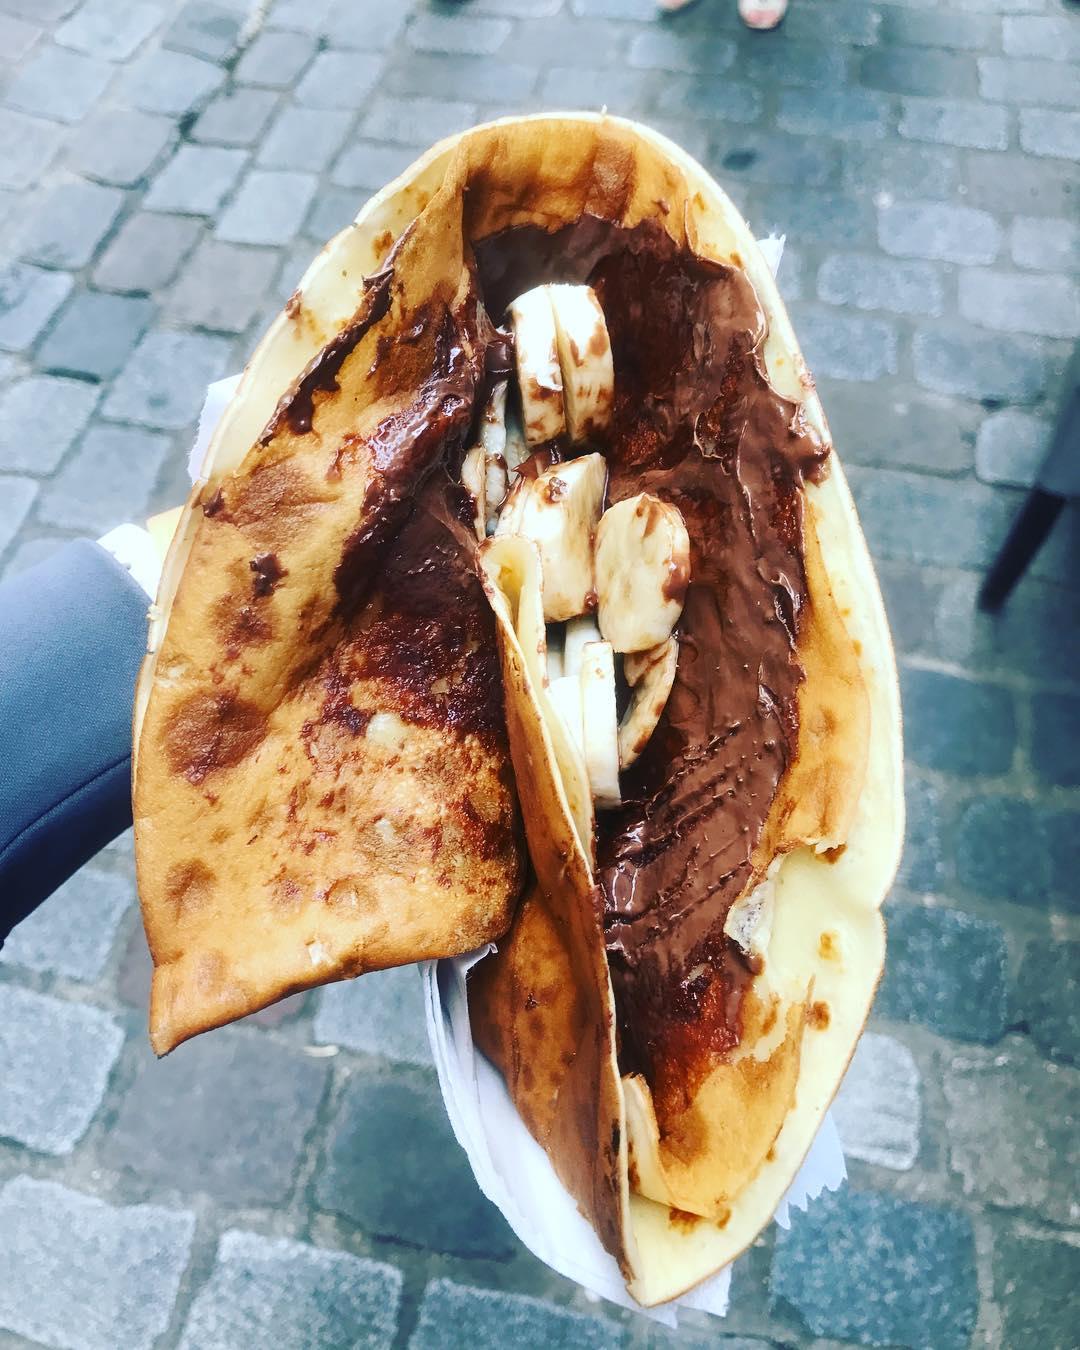 Cheap Eats in Paris - Crepes